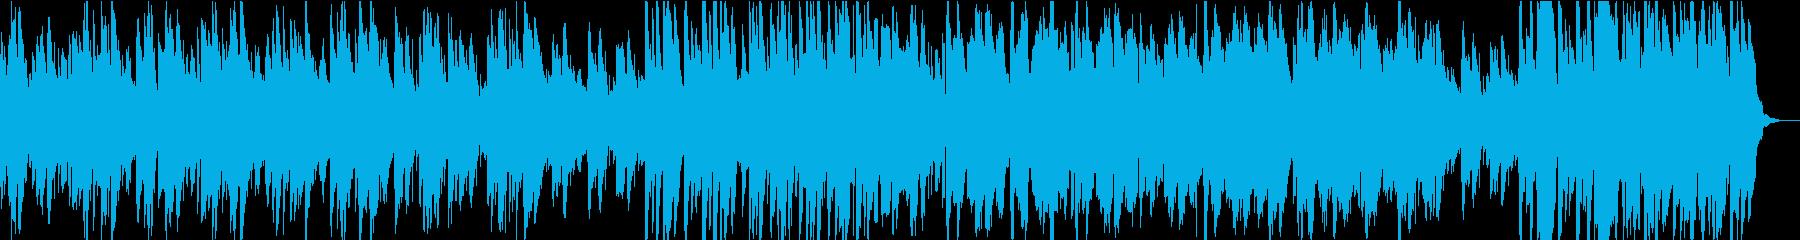 マリンバとシンセサイザーをベースに...の再生済みの波形